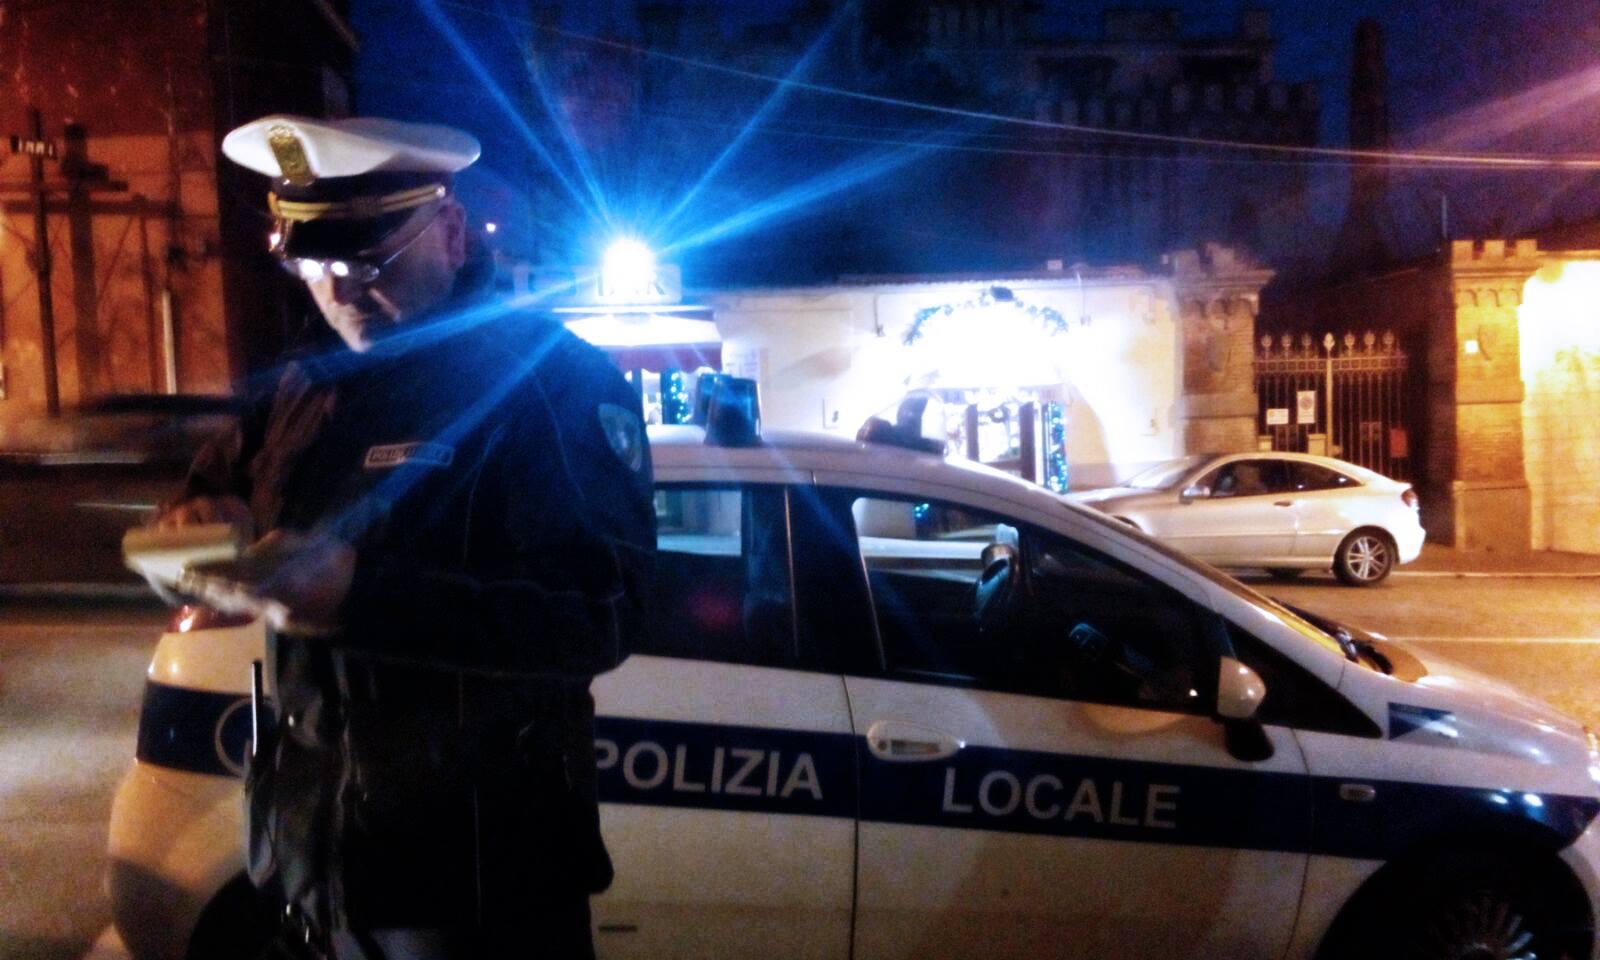 Magliana incidente sulla a91 Roma-Fiumicino oggi 10 febbraio 2020